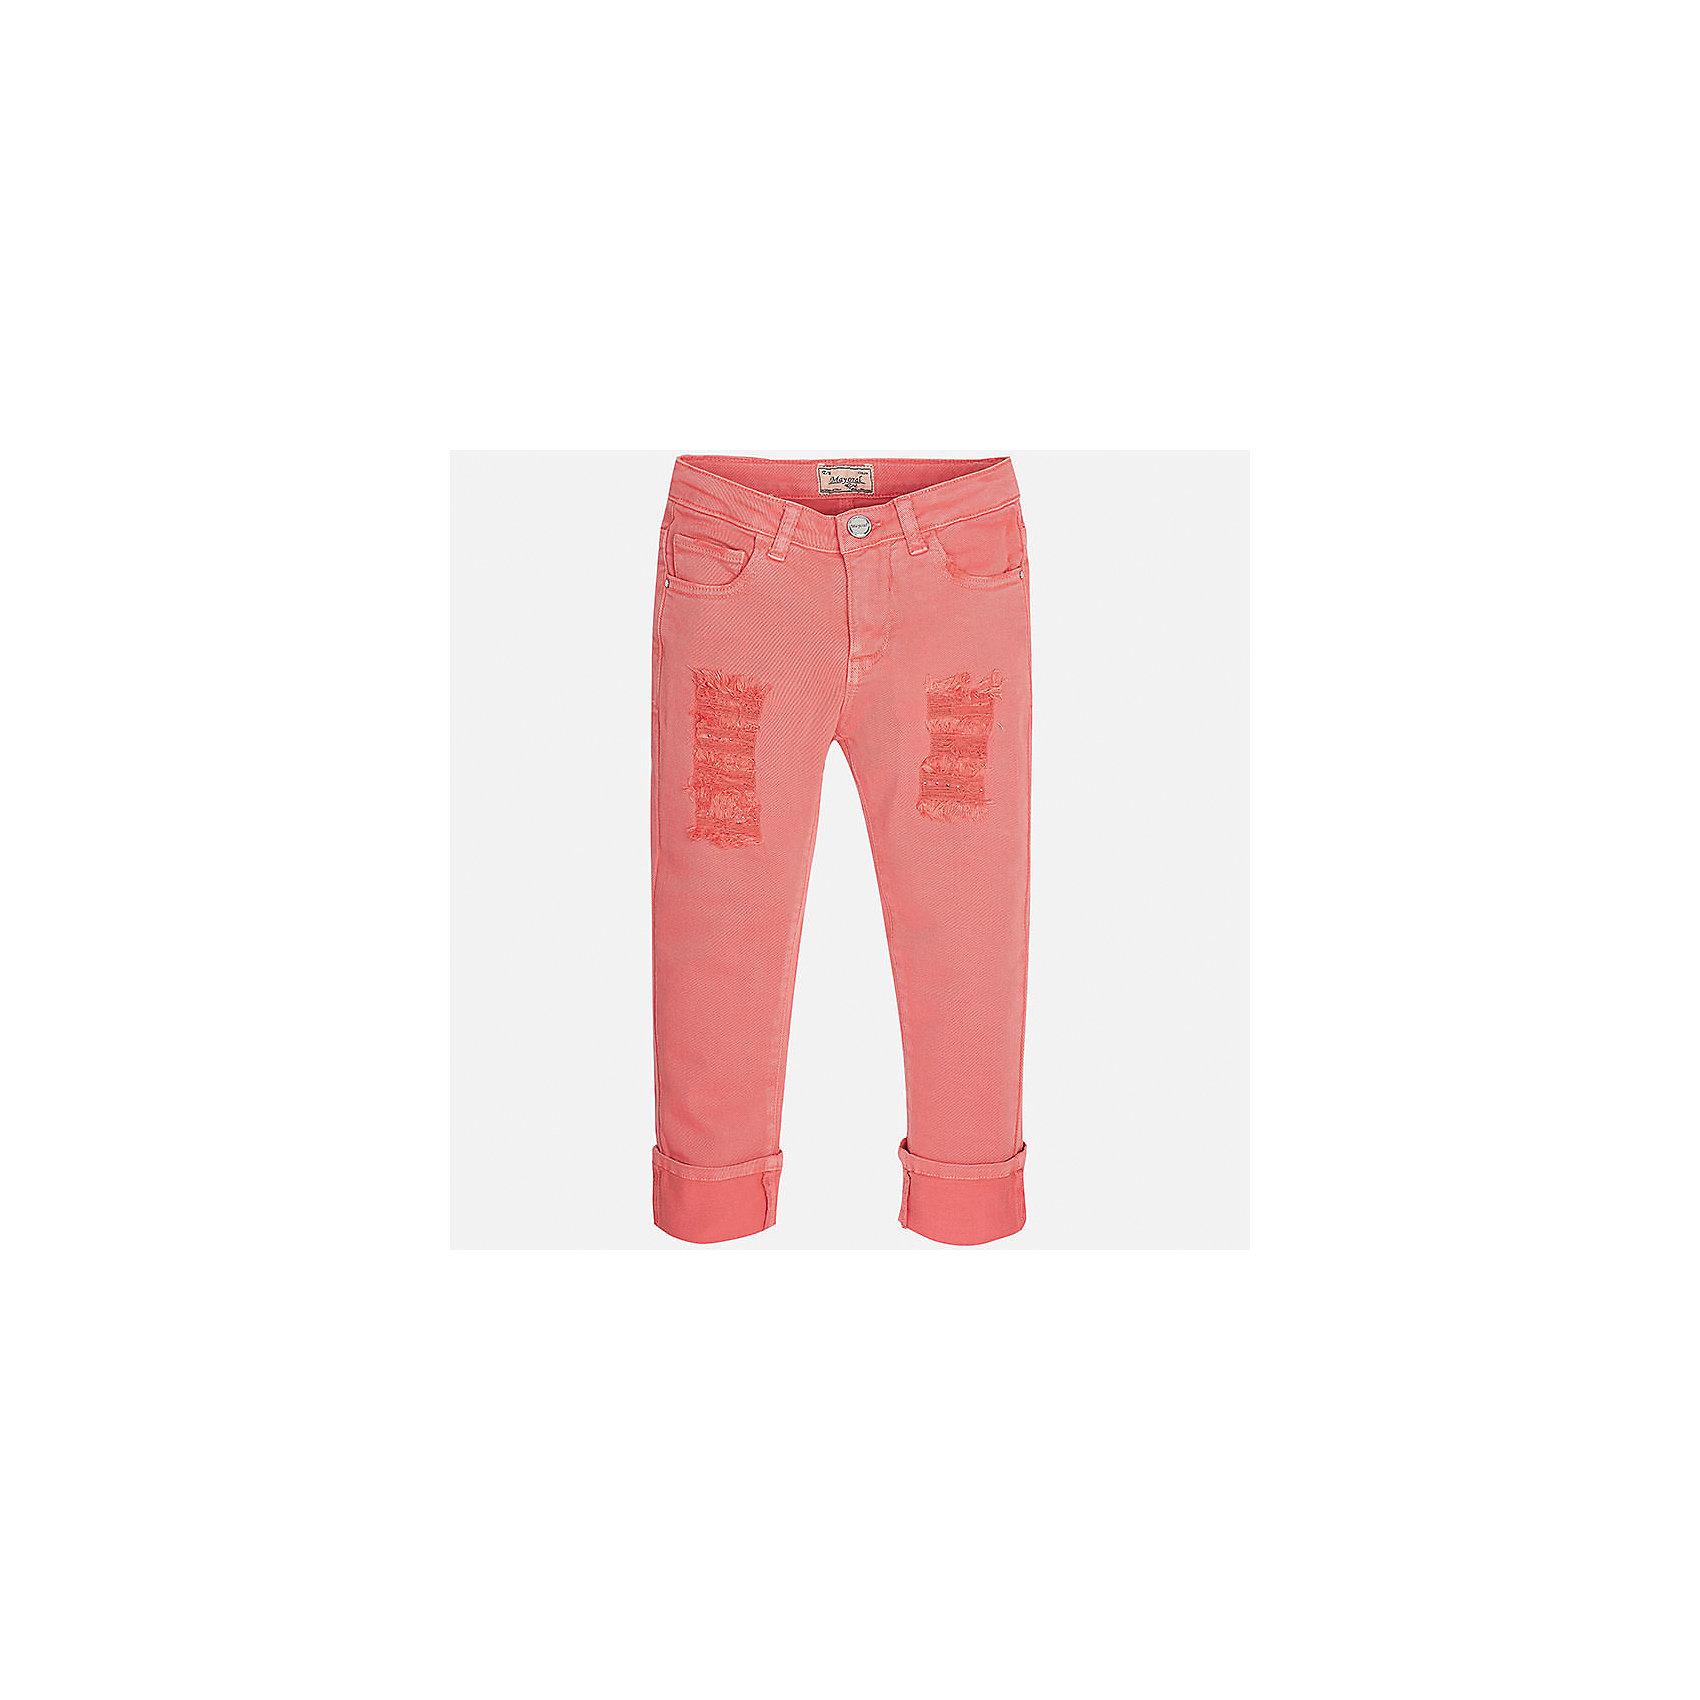 Брюки для девочки MayoralБрюки<br>Характеристики товара:<br><br>• цвет: розовый<br>• состав: 98% хлопок, 2% эластан<br>• эффект потертости<br>• карманы<br>• пояс с регулировкой объема<br>• шлевки<br>• страна бренда: Испания<br><br>Стильные брюки для девочки смогут разнообразить гардероб ребенка и украсить наряд. Они отлично сочетаются с майками, футболками, блузками. Красивый оттенок позволяет подобрать к вещи верх разных расцветок. Интересный крой модели делает её нарядной и оригинальной. В составе материала - натуральный хлопок, гипоаллергенный, приятный на ощупь, дышащий.<br><br>Одежда, обувь и аксессуары от испанского бренда Mayoral полюбились детям и взрослым по всему миру. Модели этой марки - стильные и удобные. Для их производства используются только безопасные, качественные материалы и фурнитура. Порадуйте ребенка модными и красивыми вещами от Mayoral! <br><br>Брюки для девочки от испанского бренда Mayoral (Майорал) можно купить в нашем интернет-магазине.<br><br>Ширина мм: 215<br>Глубина мм: 88<br>Высота мм: 191<br>Вес г: 336<br>Цвет: розовый<br>Возраст от месяцев: 156<br>Возраст до месяцев: 168<br>Пол: Женский<br>Возраст: Детский<br>Размер: 170,128/134,140,152,158,164<br>SKU: 5292966